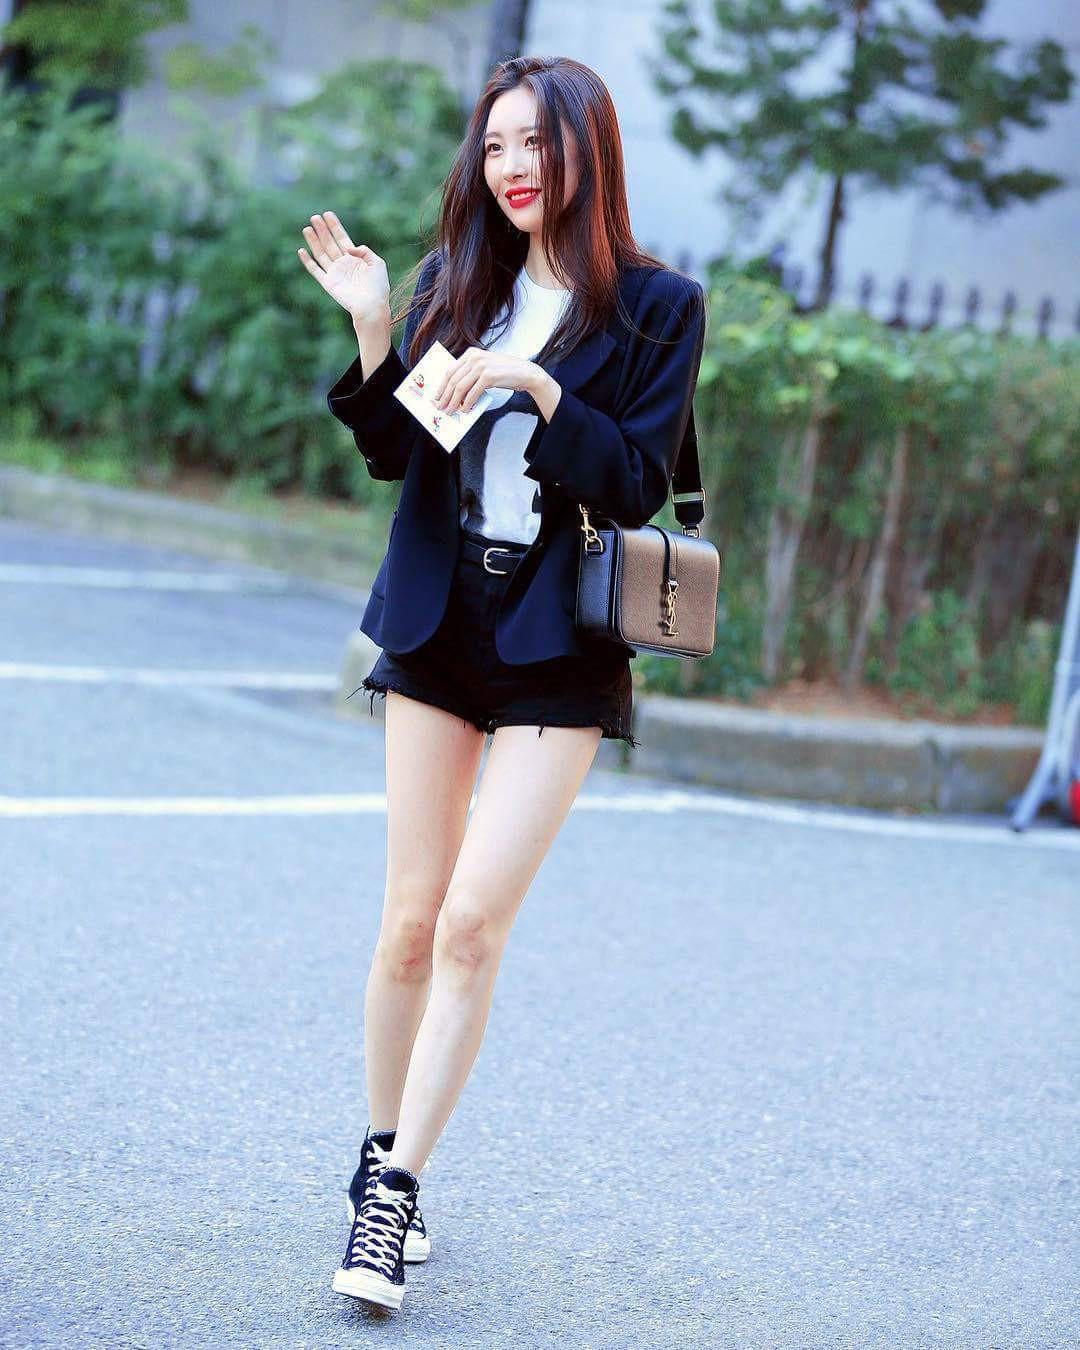 Loạt mỹ nhân Kpop sở hữu đôi chân ngàn vàng hoàn hảo đến mức chẳng thèm dùng chiêu trò để ăn gian - Ảnh 9.